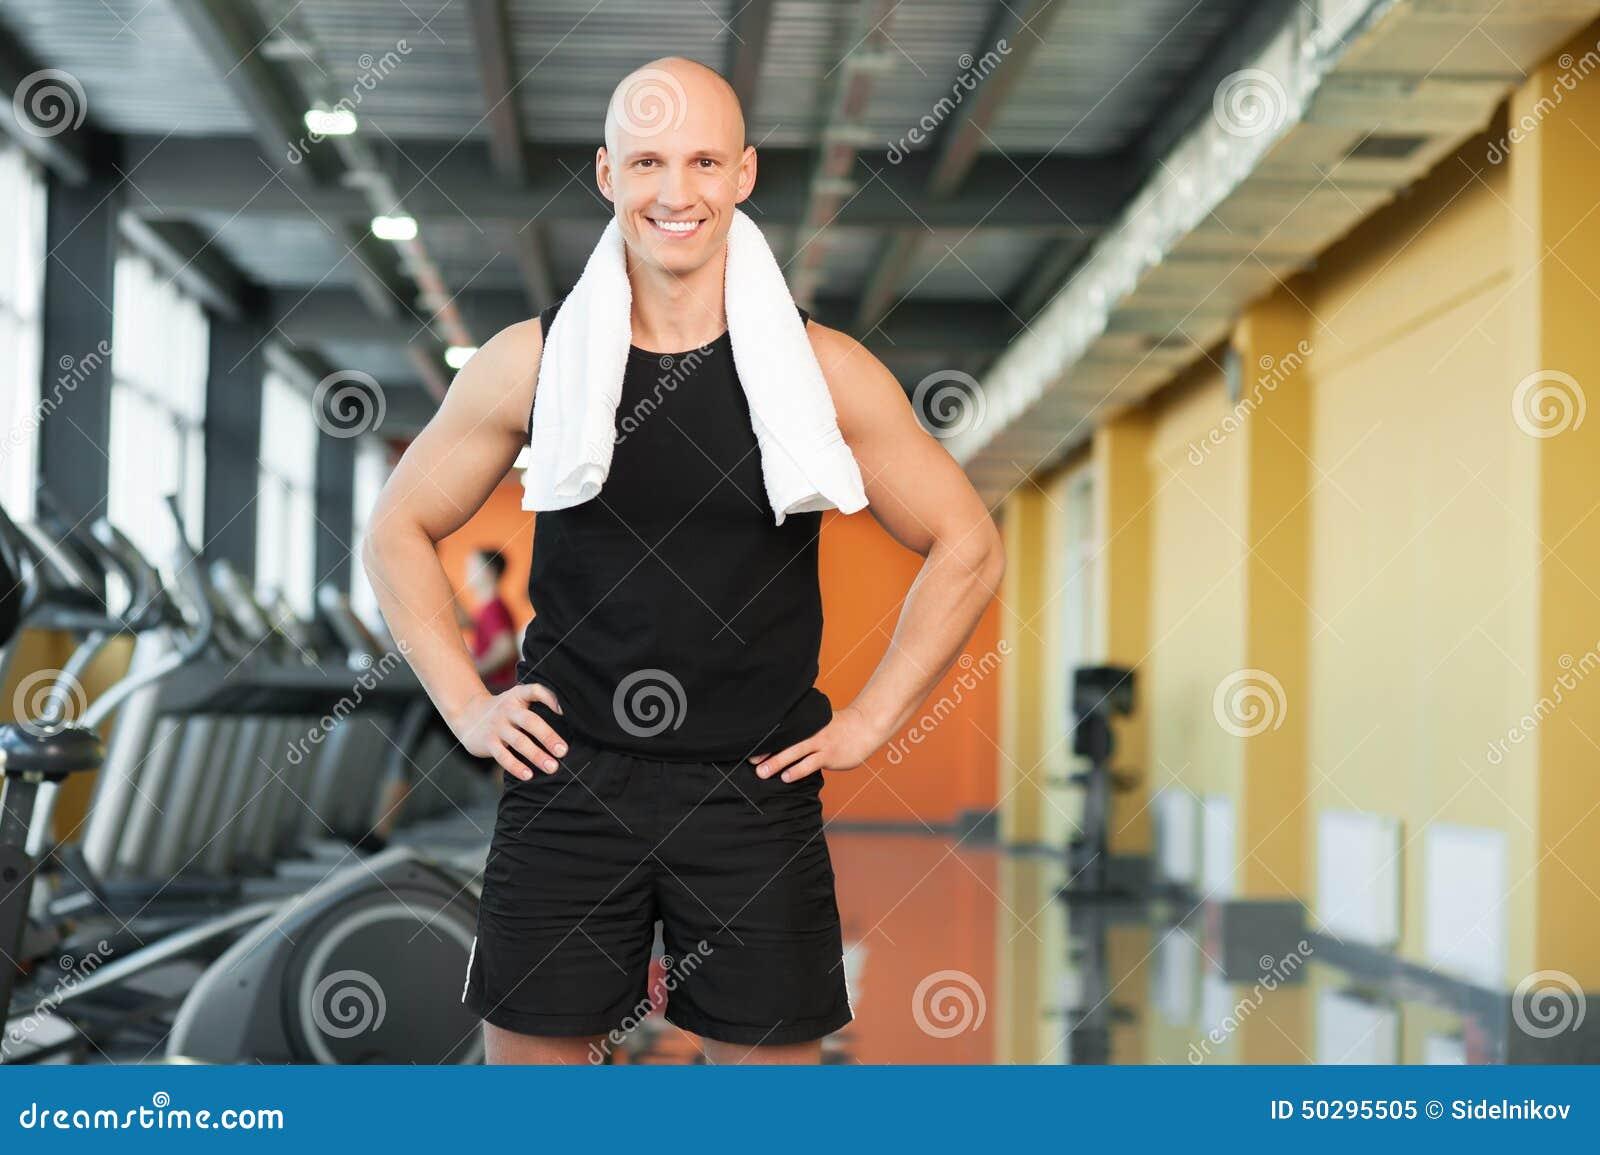 скачать любительское фото парня в полотенце